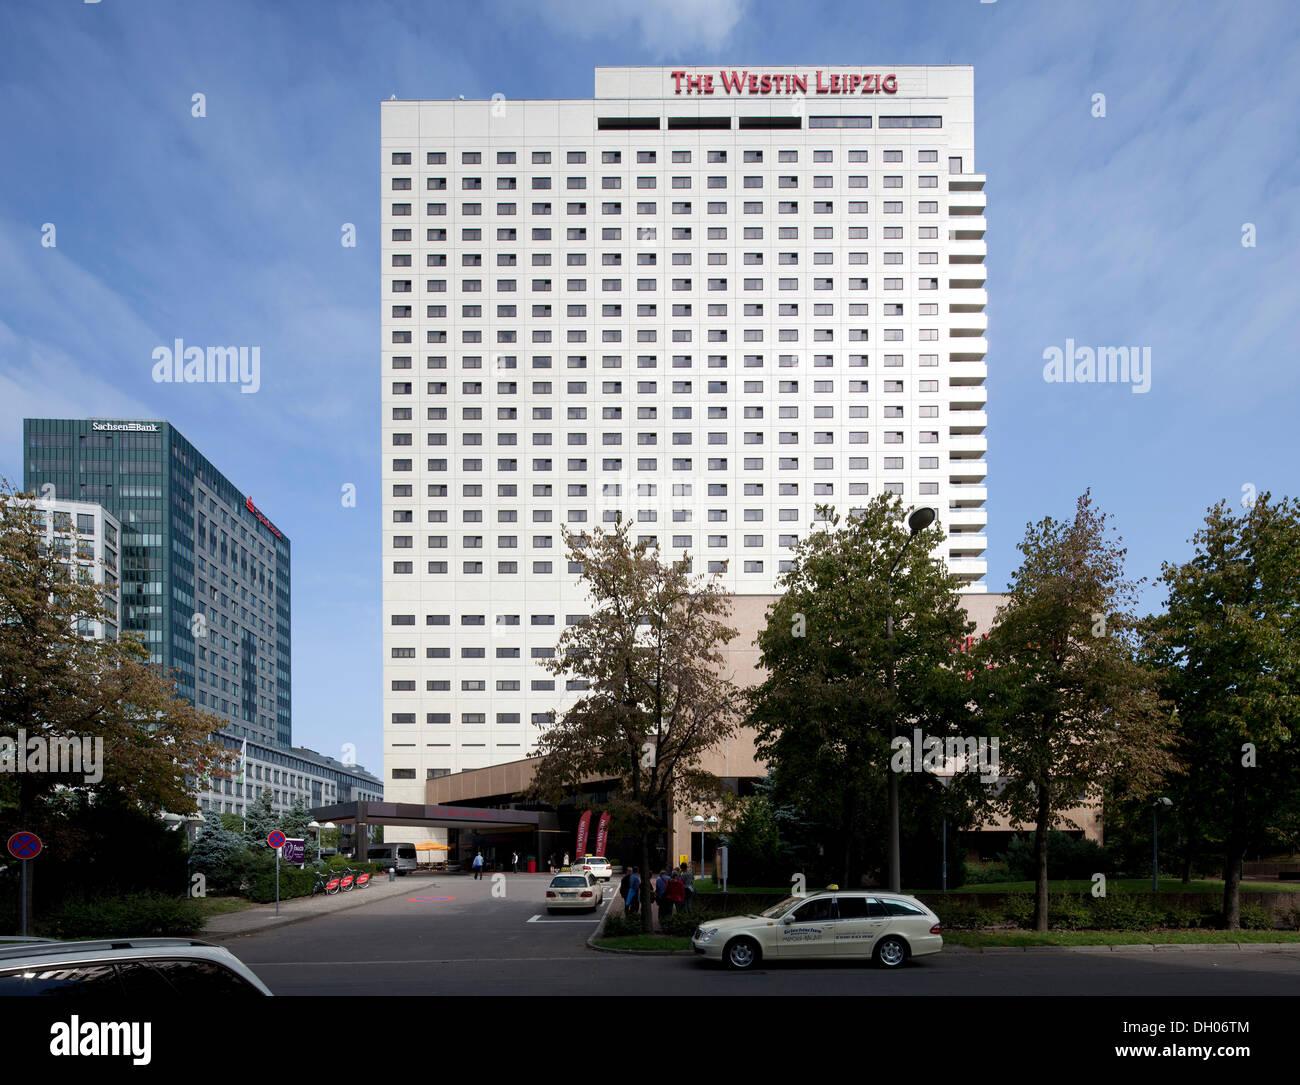 The Westin Hotel, Leipzig, PublicGround - Stock Image